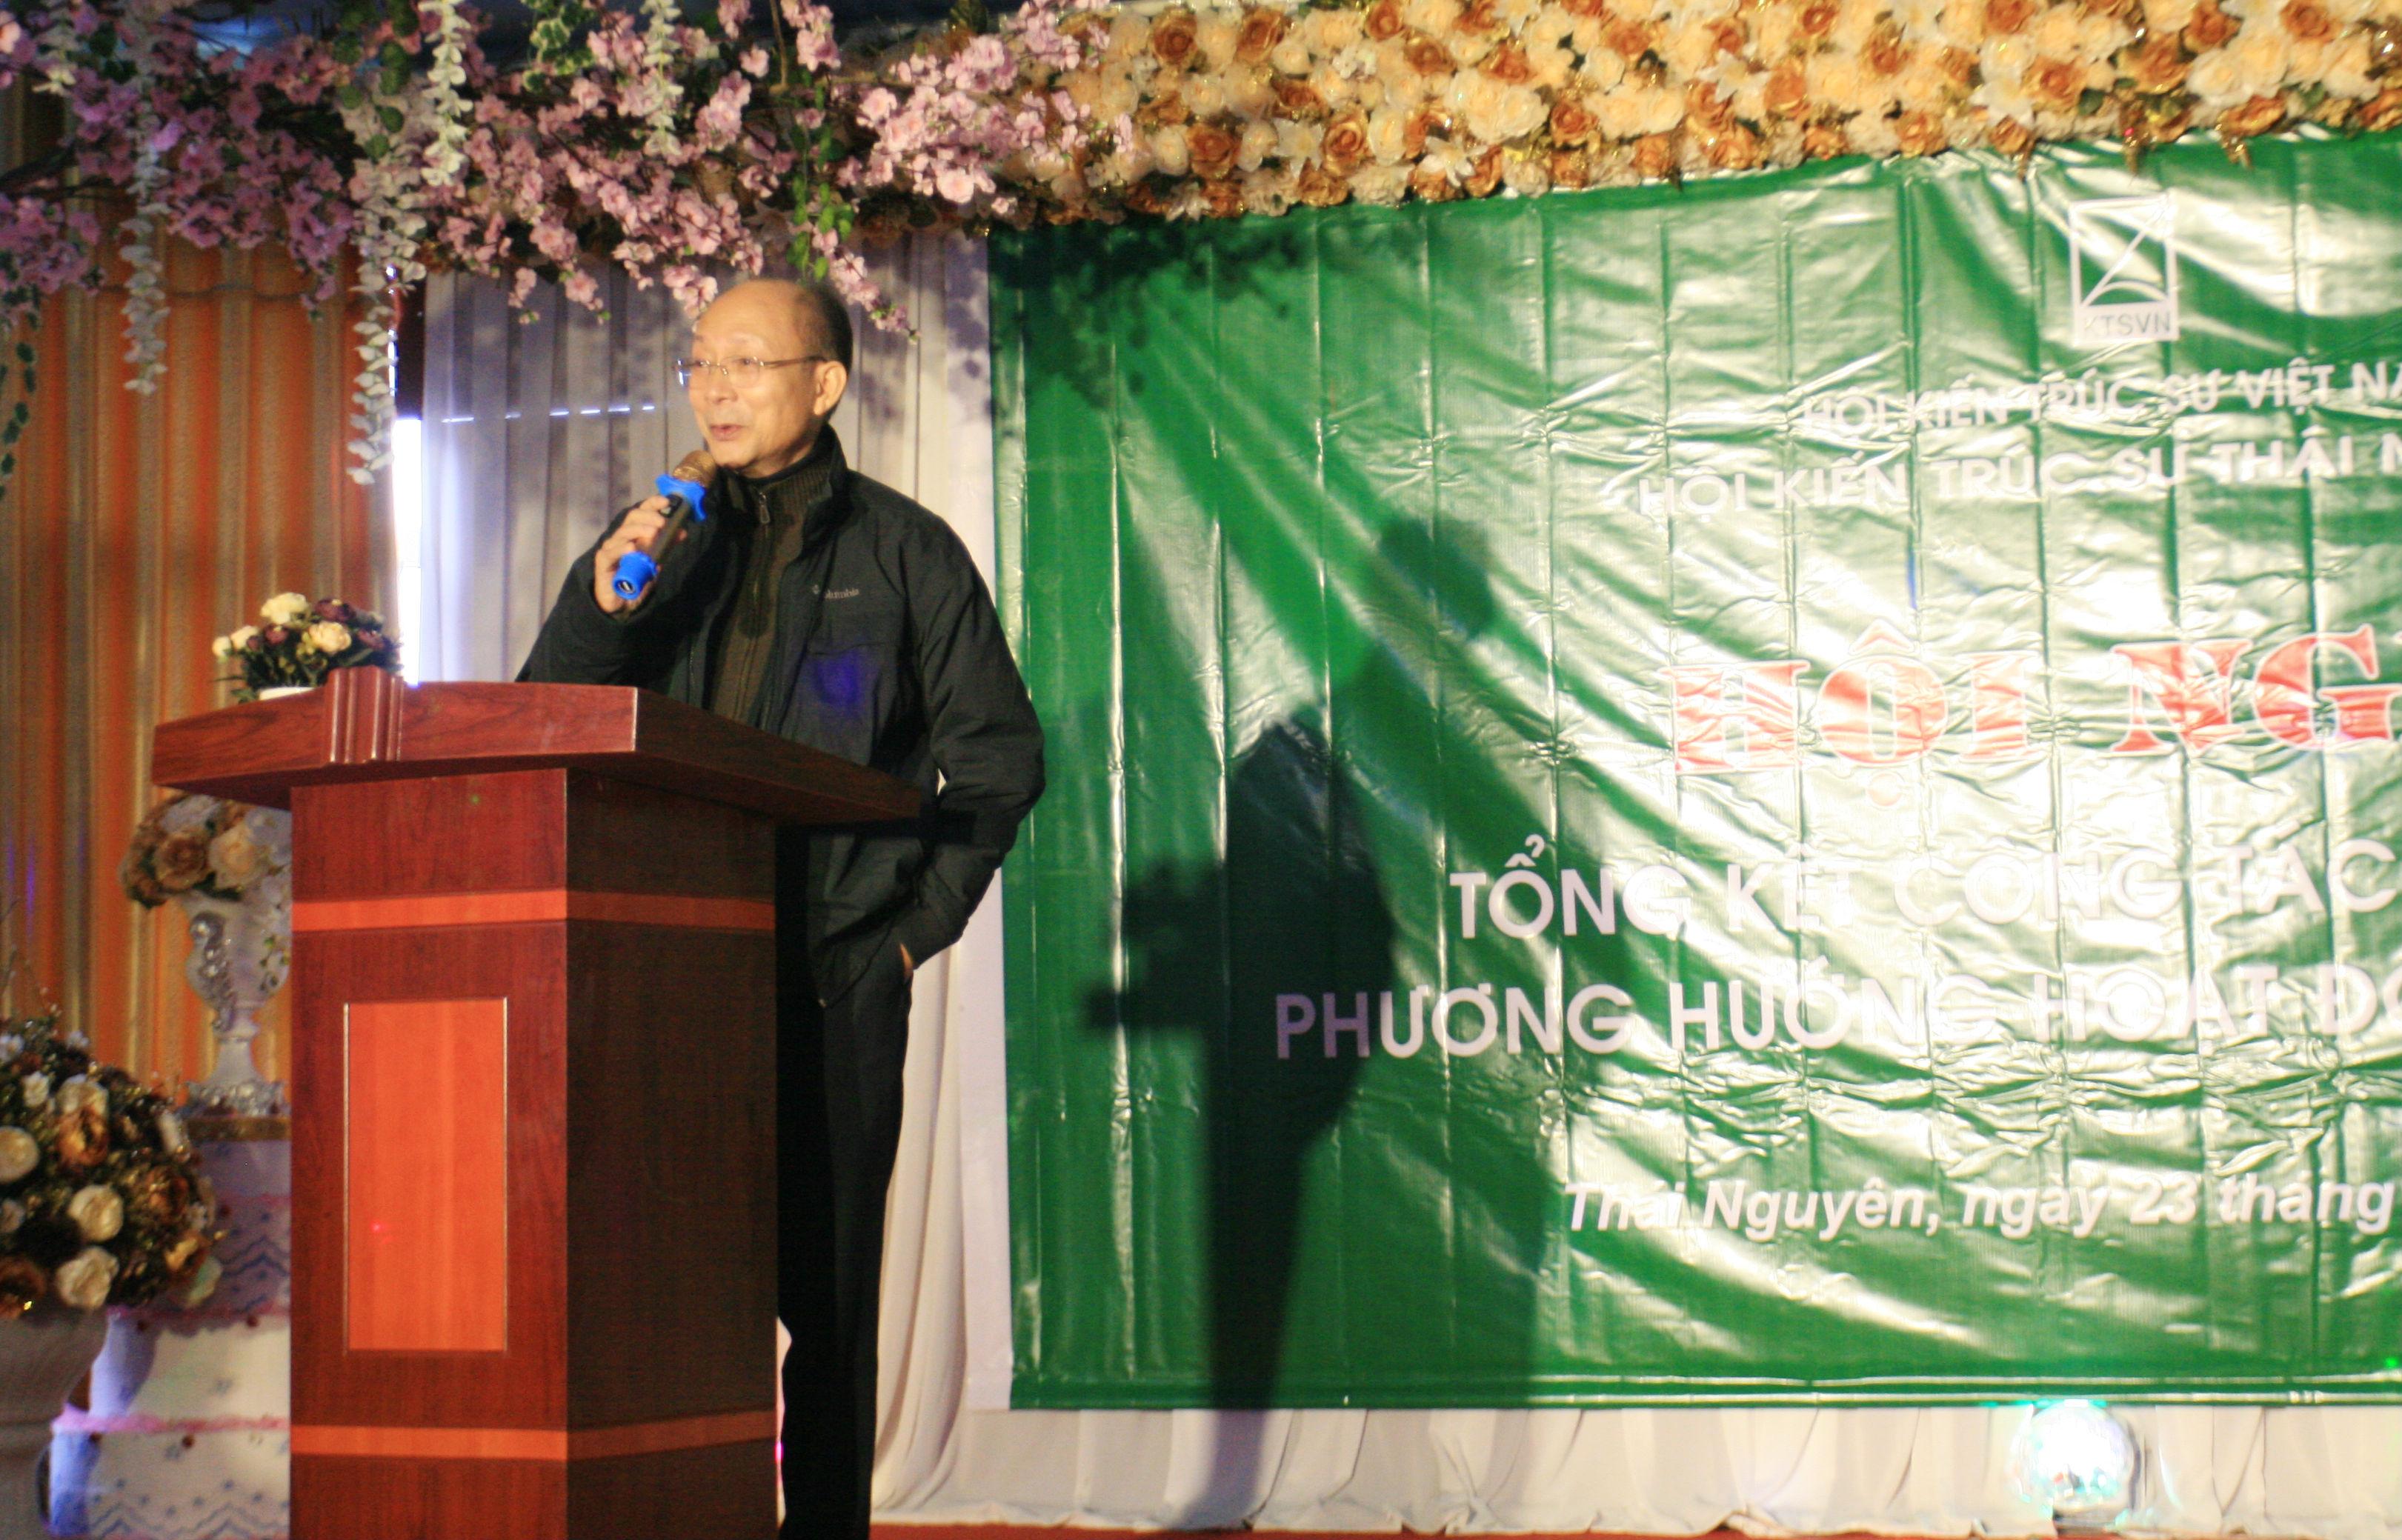 Ông Nguyễn Quốc Thông - Phó CT Hội KTS Việt Nam phát biểu tại Hội nghị